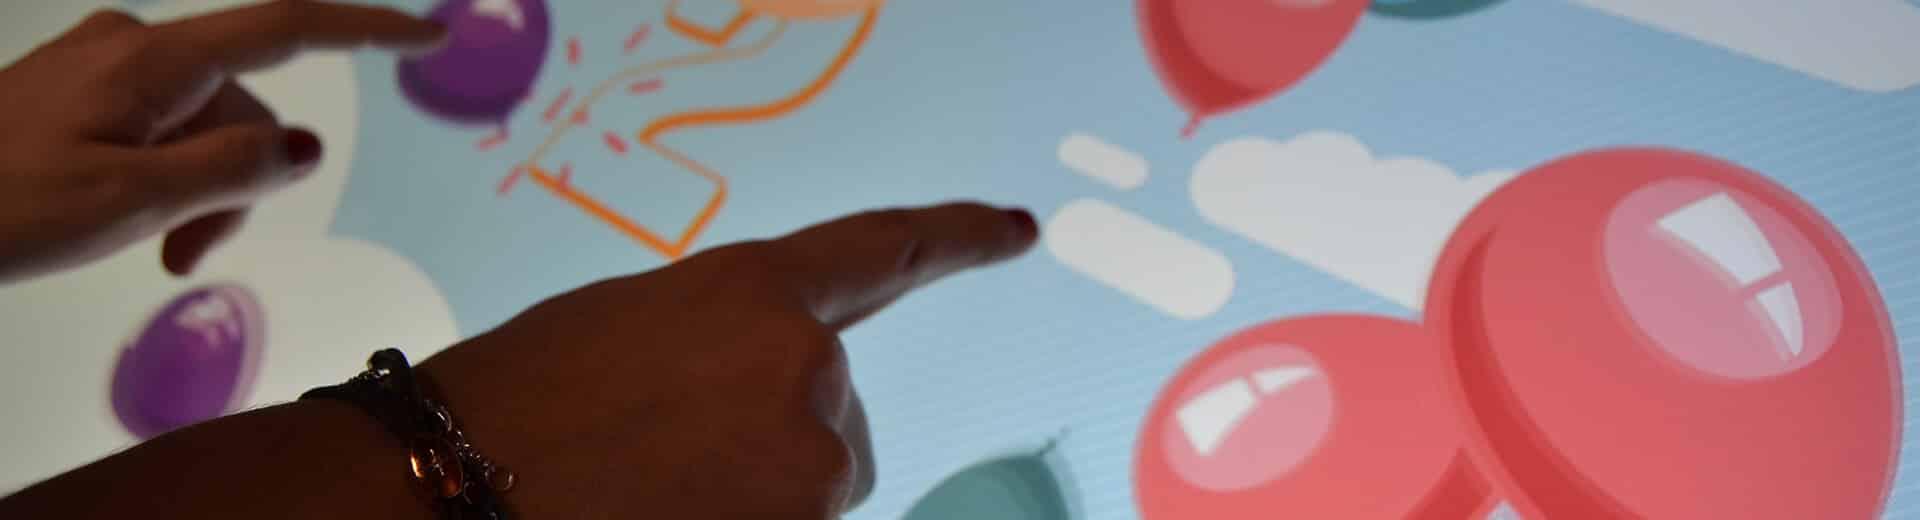 Application tactile jeux interactifs en utilisation